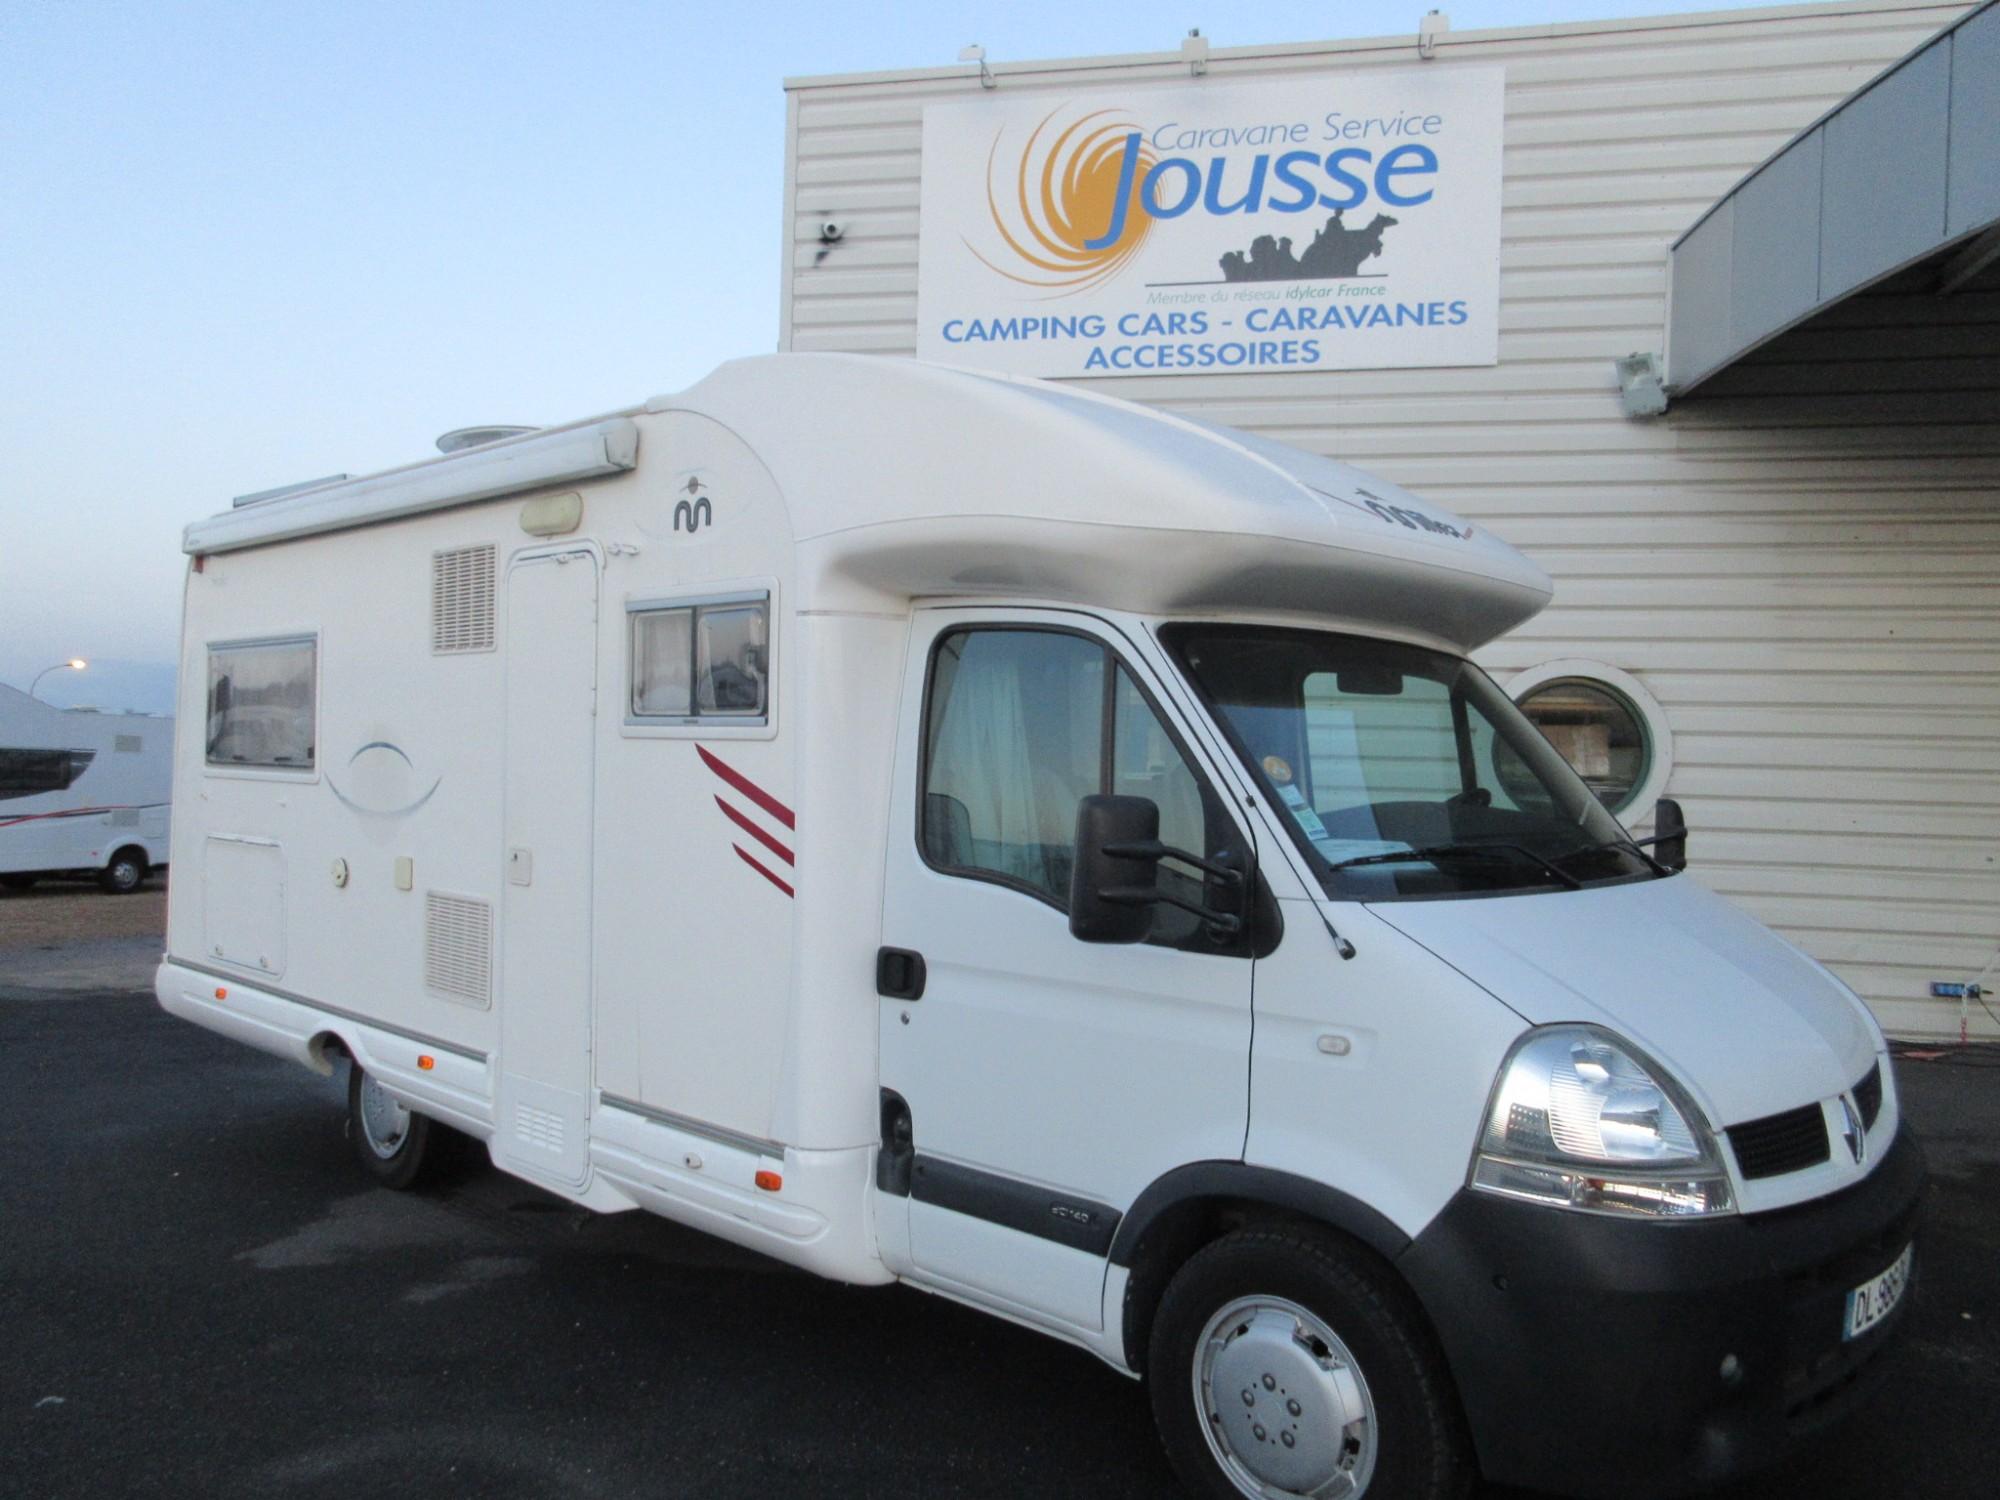 Mille Auto Rouen : achat de camping car neuf ou d 39 occasion sur rouen caravane service jousse ~ Medecine-chirurgie-esthetiques.com Avis de Voitures